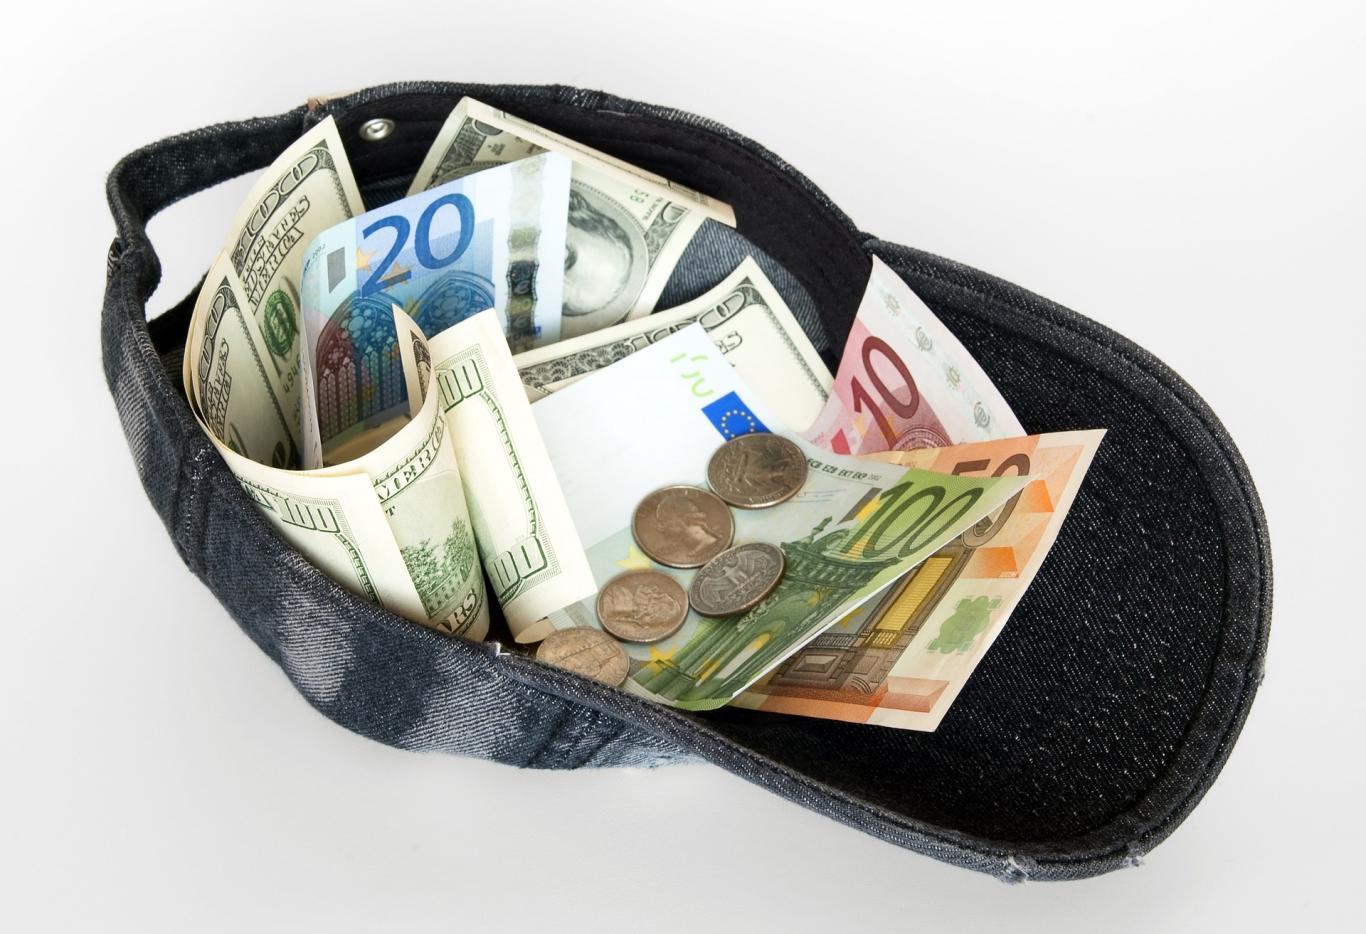 gorra con monedas